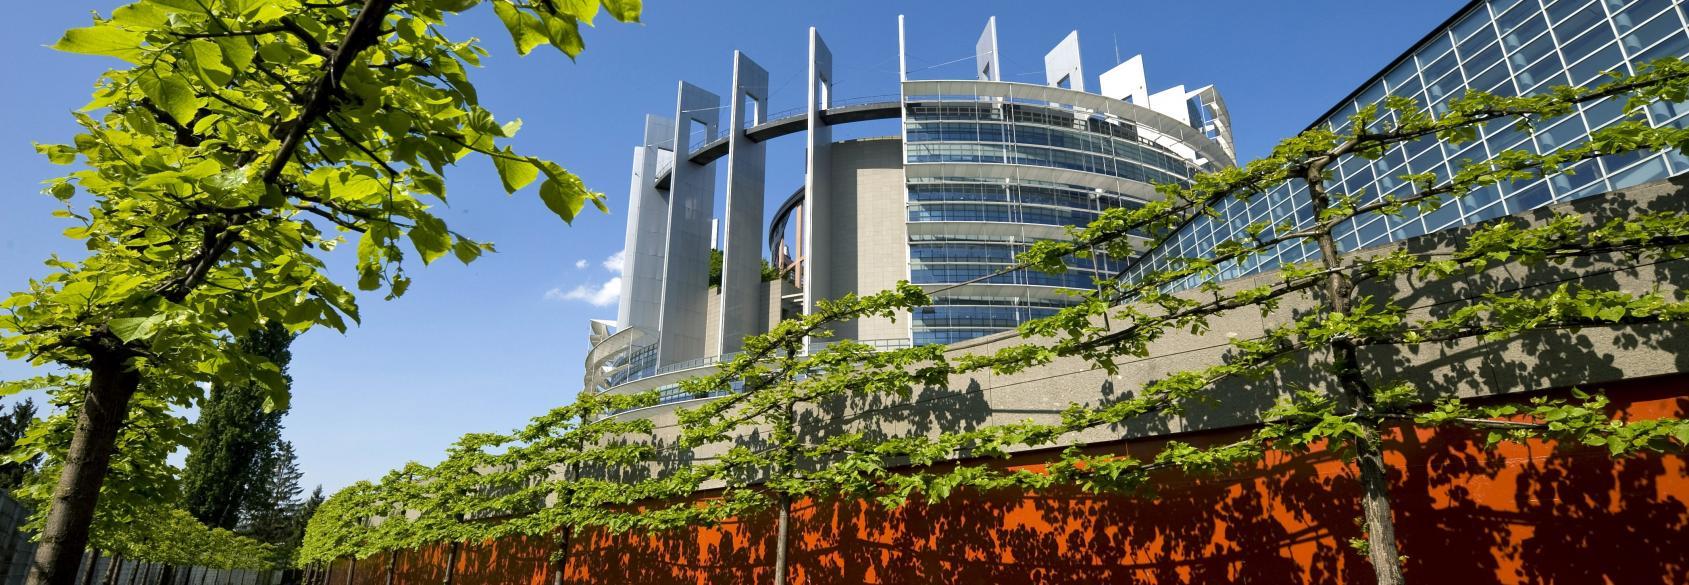 Entretien des espaces verts scop espaces verts for Espace vert urbain